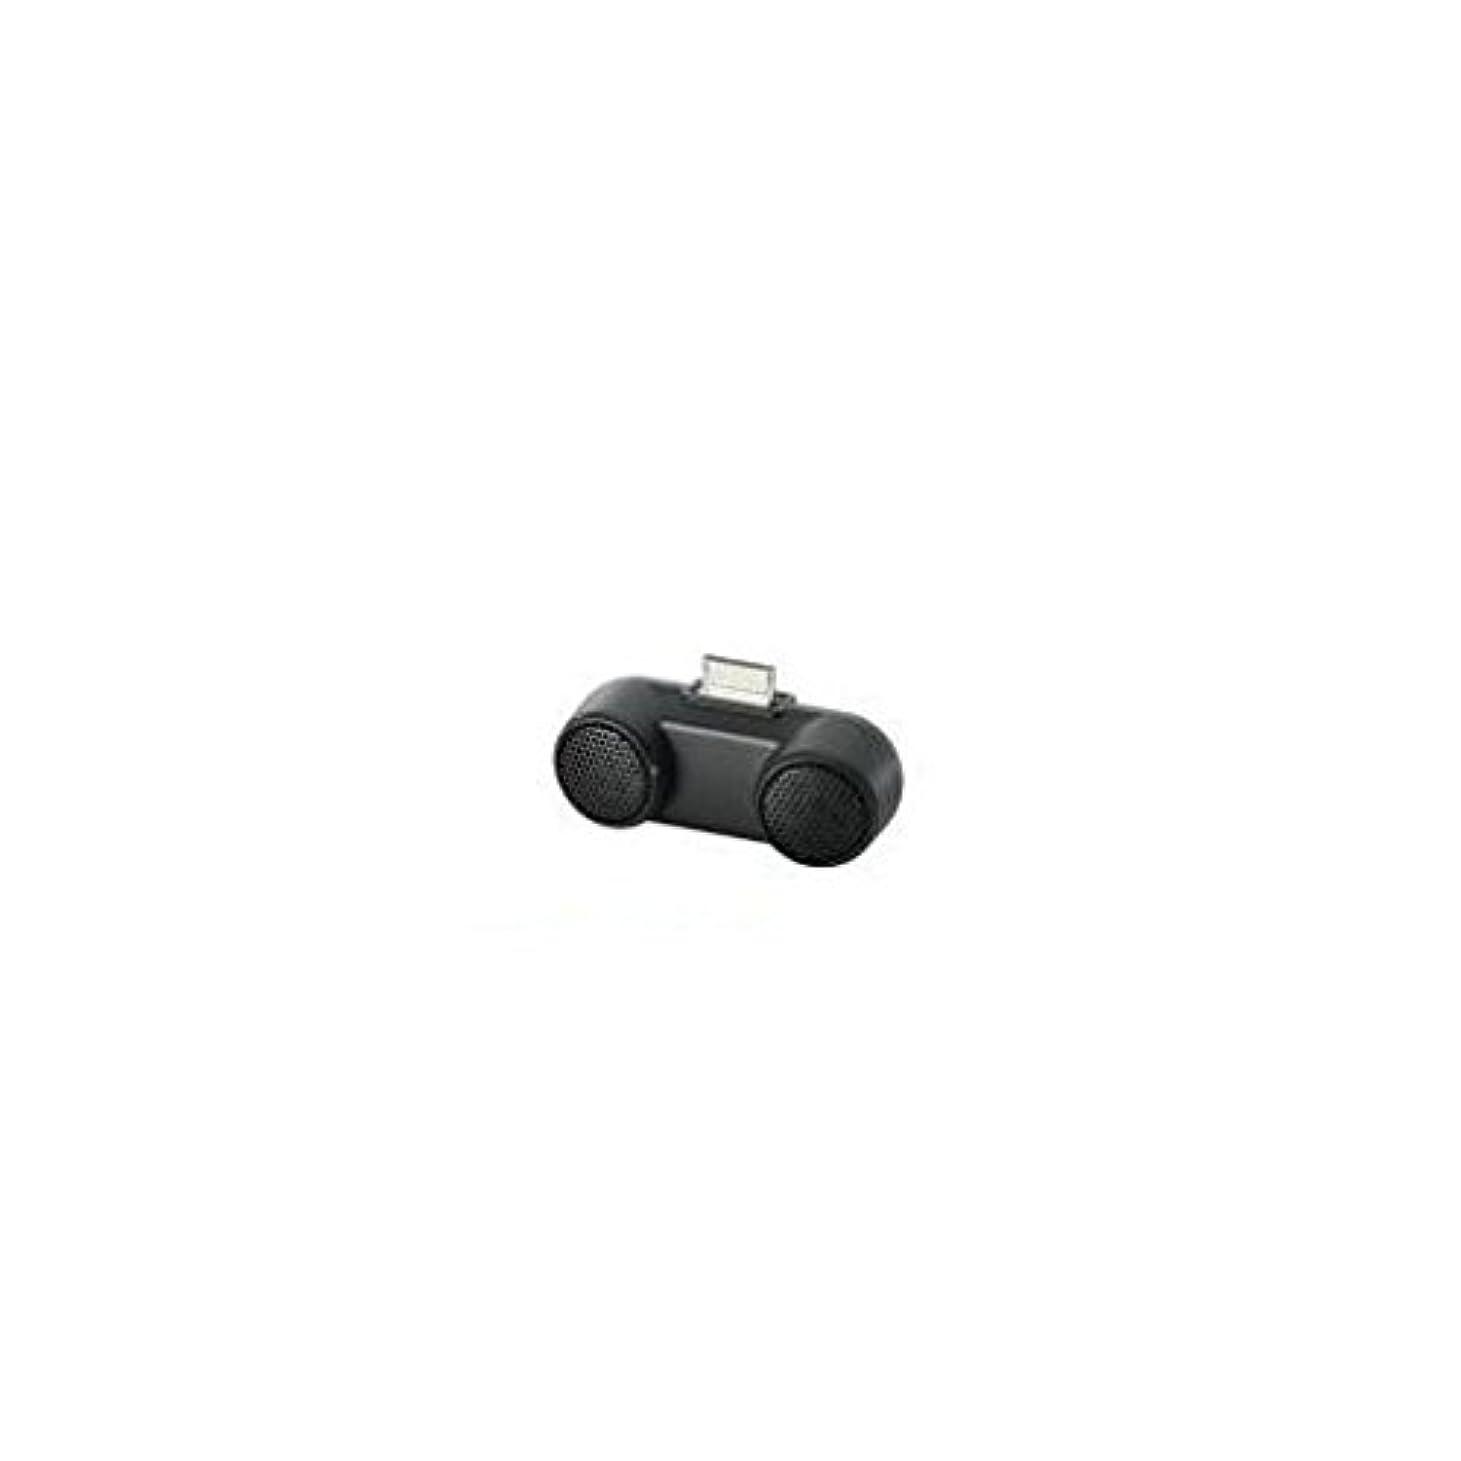 ねじれ黙認する醸造所KR42764 Walkman用コンパクトスピーカー